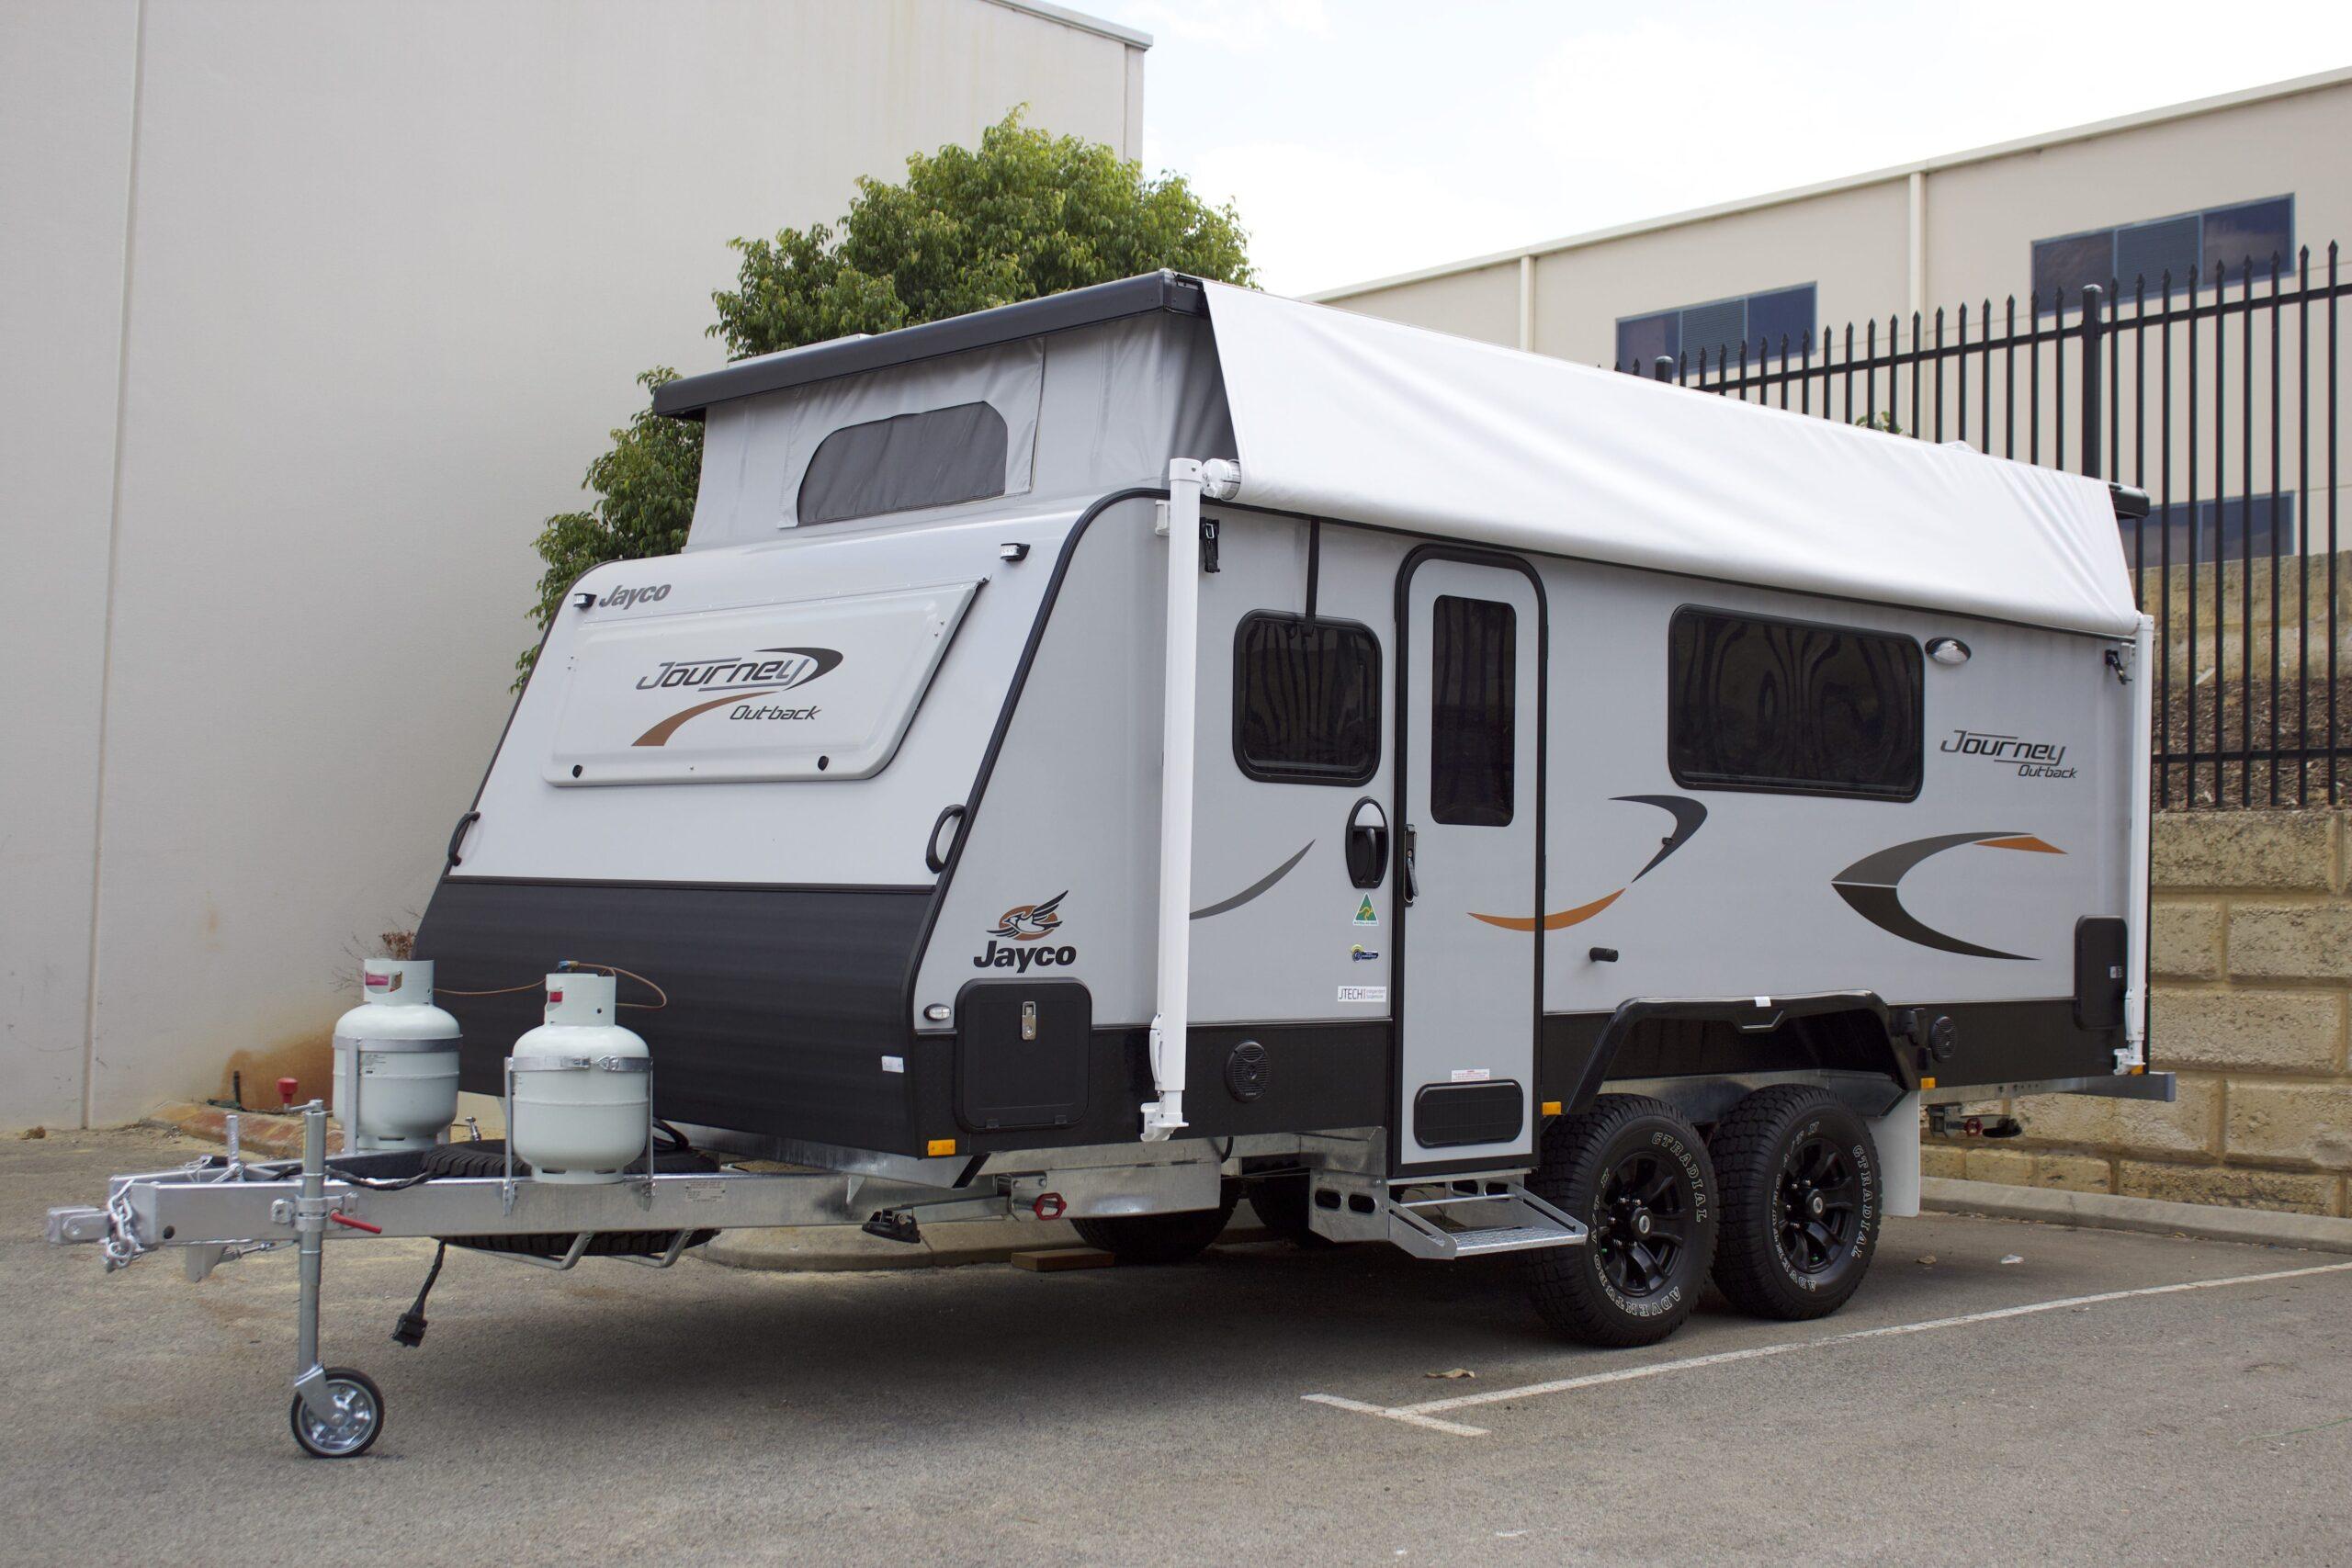 journey caravan hire